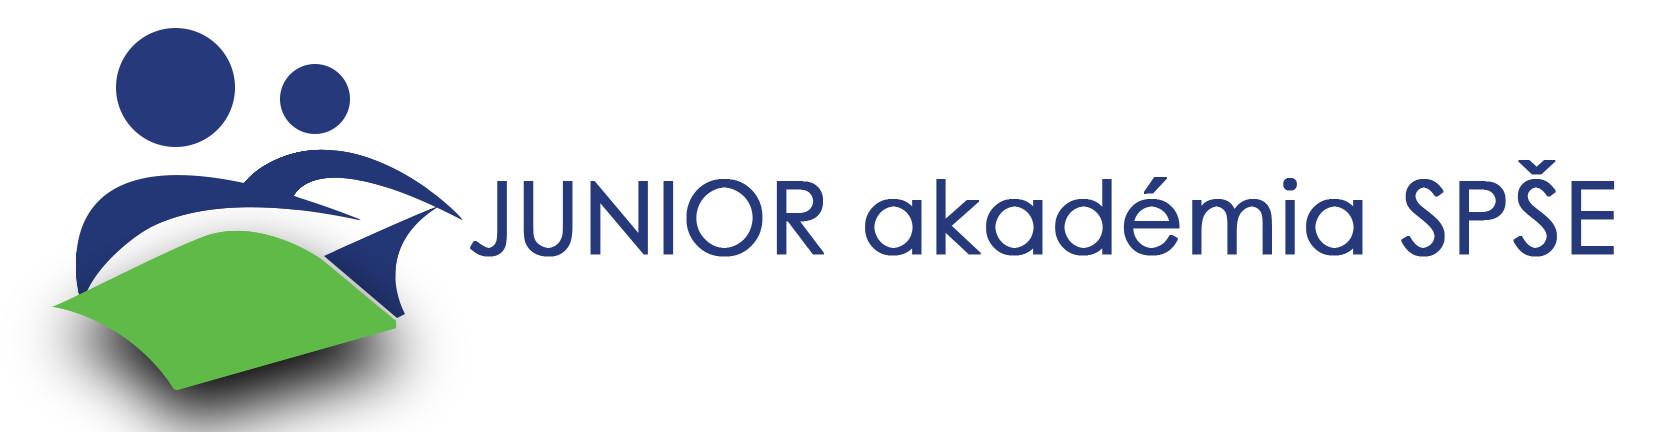 JUNIOR Akadémia logo